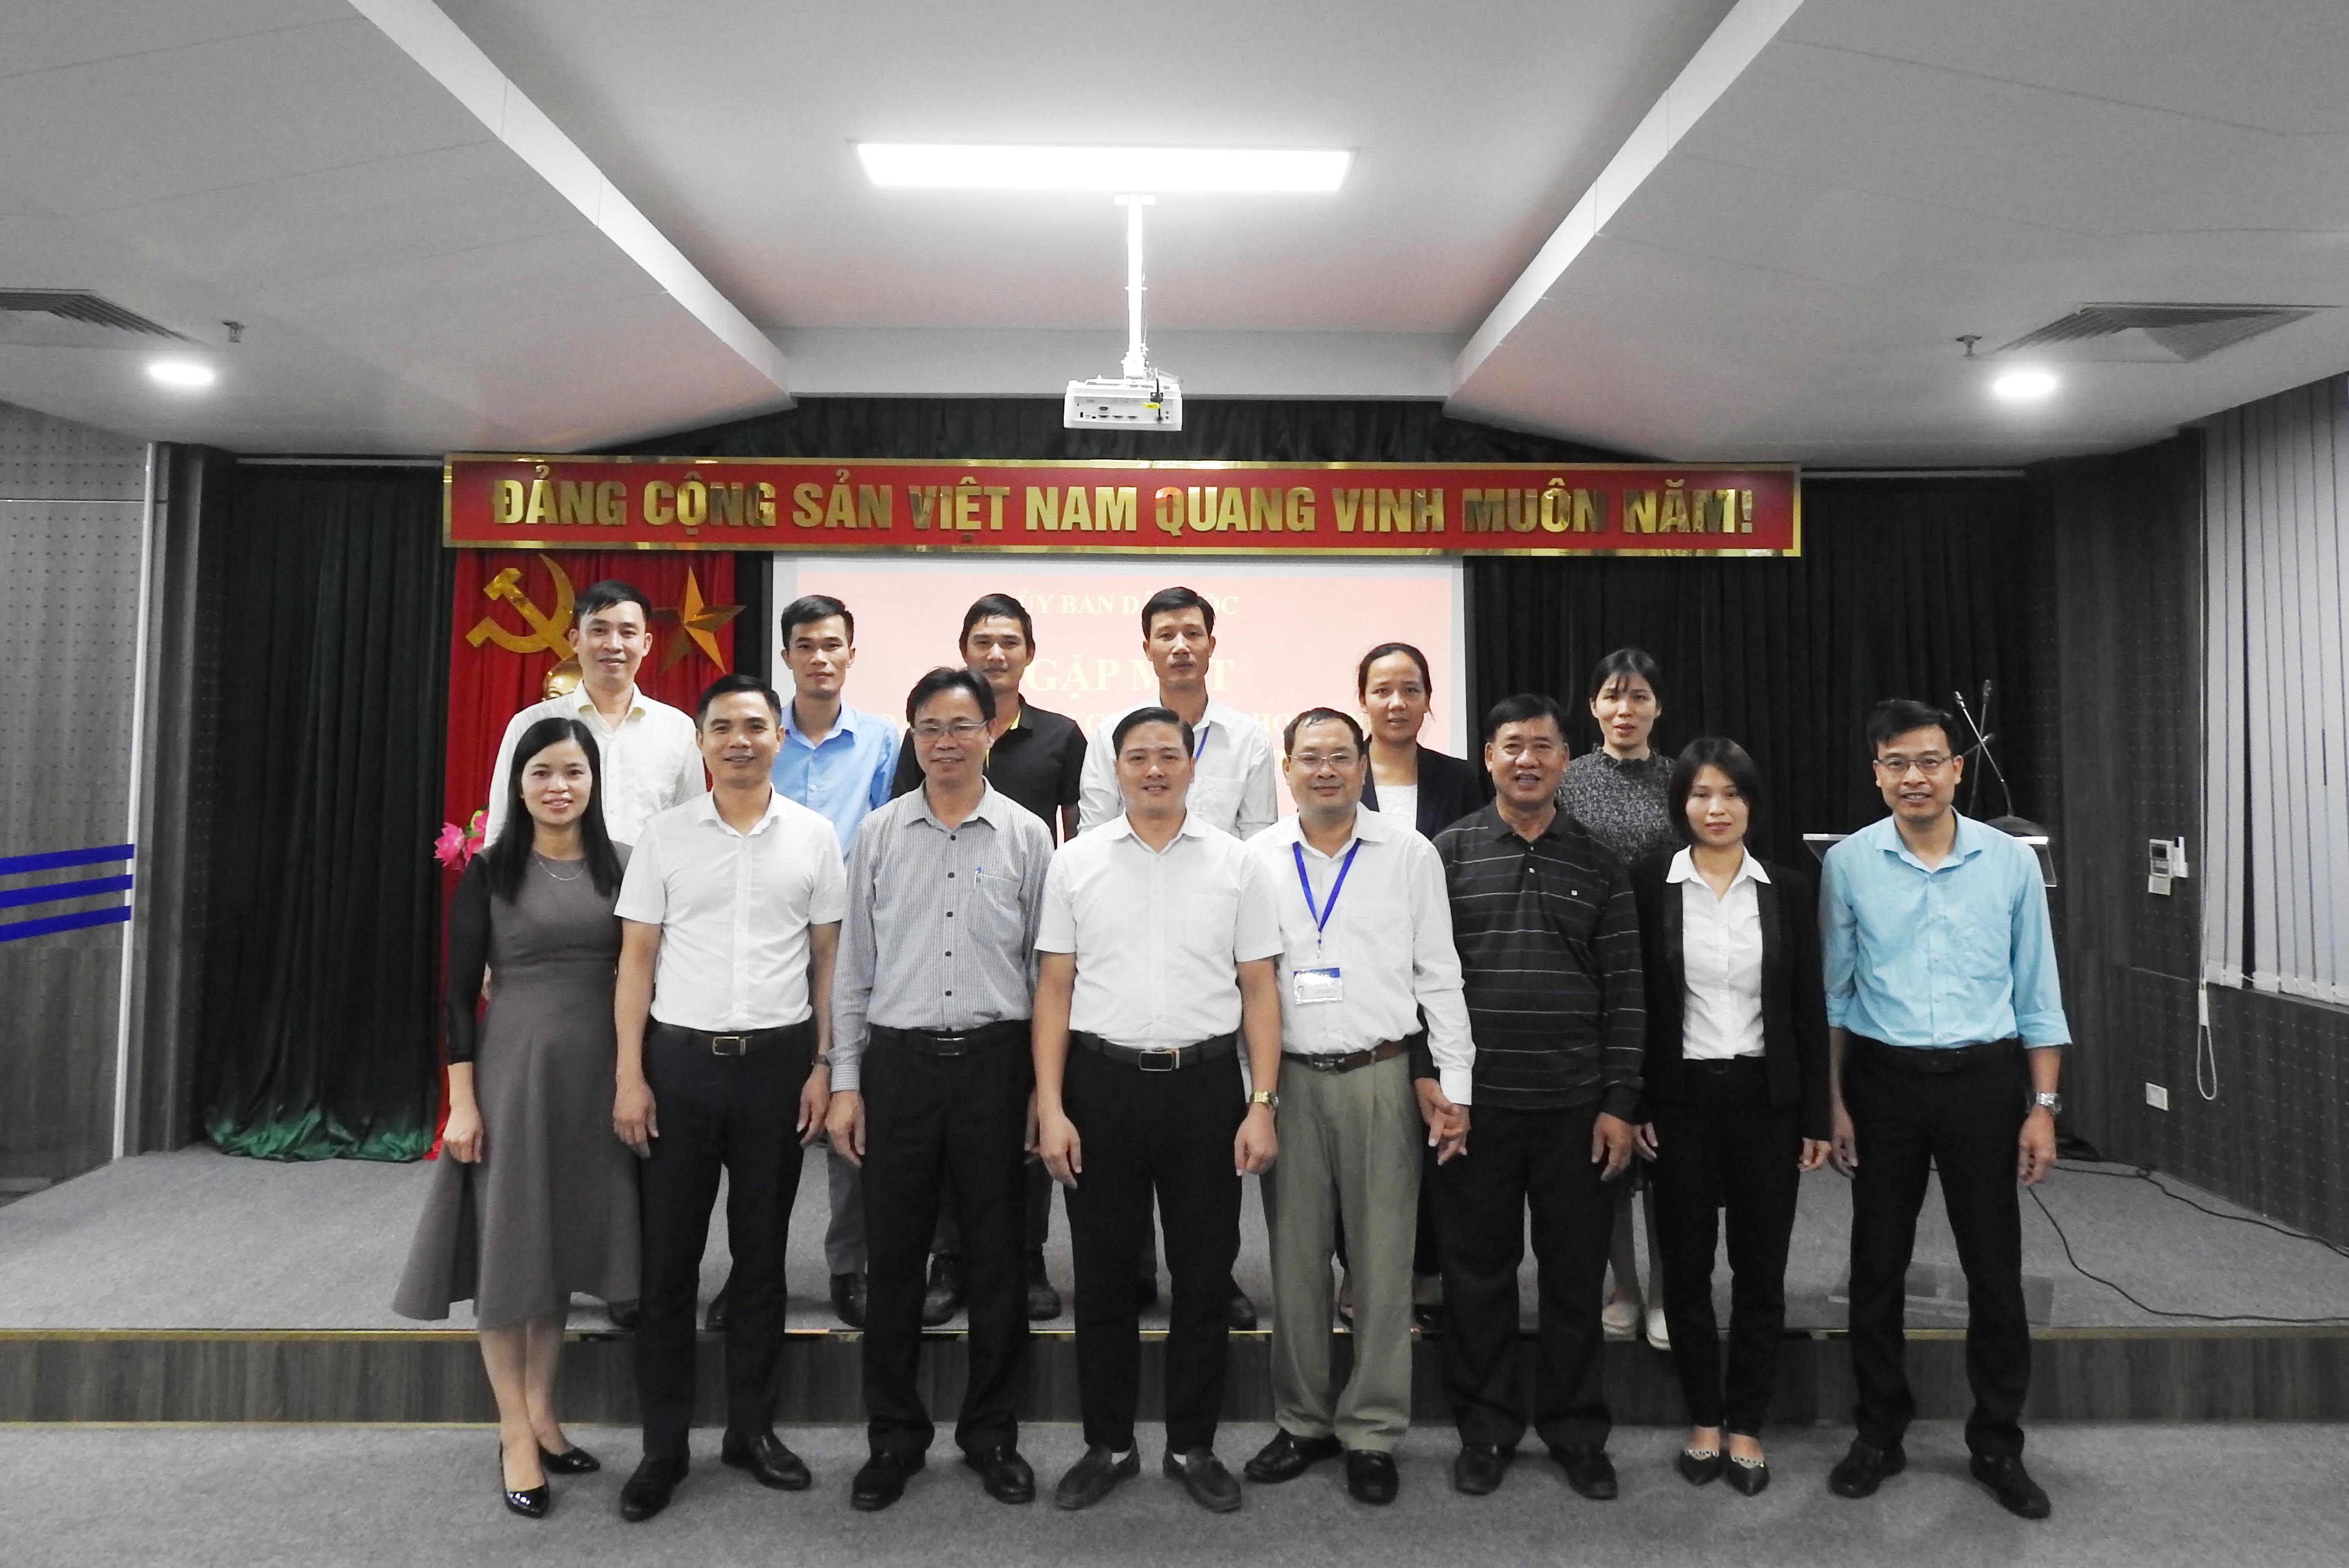 Đồng chí Lưu Xuân Thủy chụp ảnh lưu niệm cùng các thầy cô giáo trong Đoàn